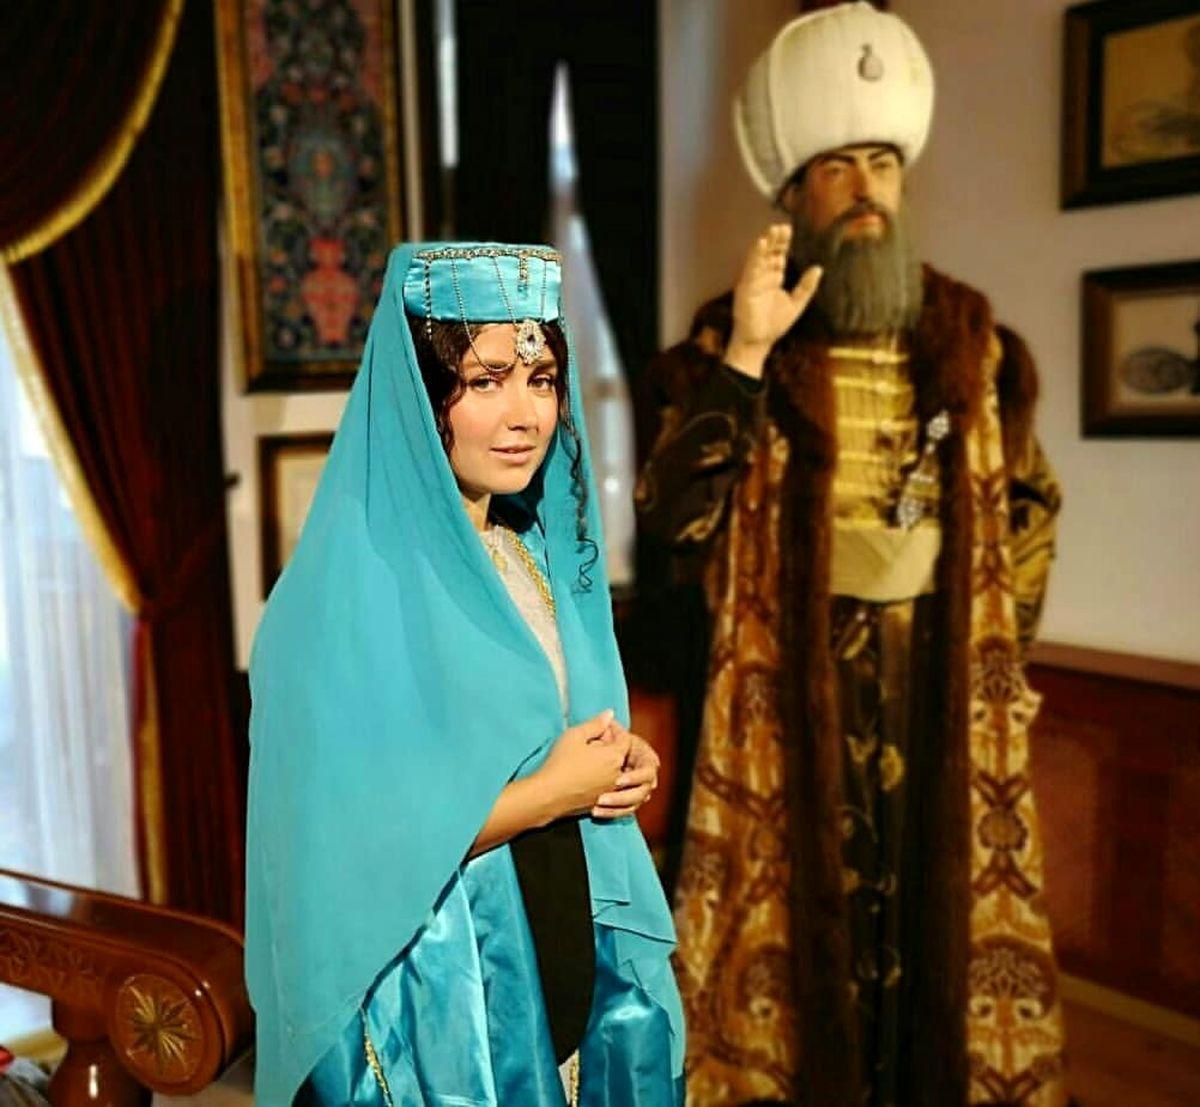 افسانه پاکرو با لباس سنتی و لختی + عکس